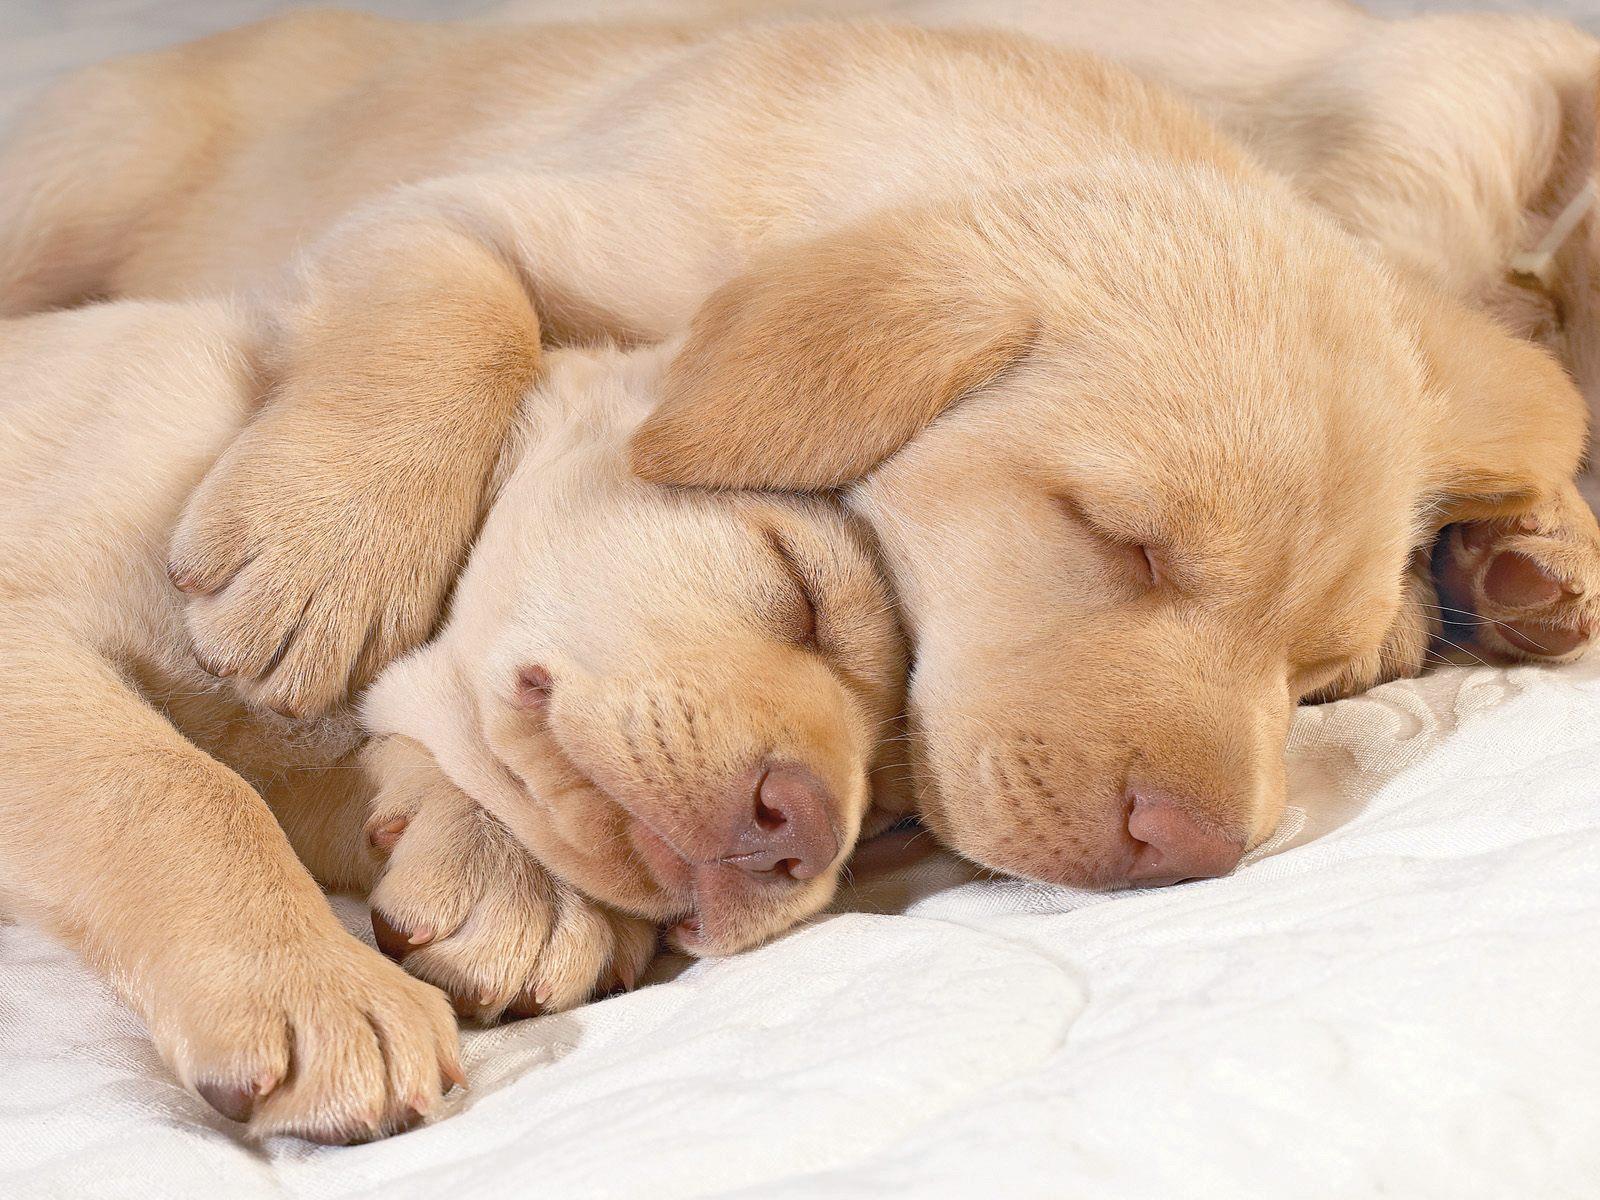 http://3.bp.blogspot.com/-CaVFIBSf4oA/UJIW6xuQKiI/AAAAAAAABHo/kf7ziw8lyg8/s1600/Cute+Puppies+Sleeping.jpg